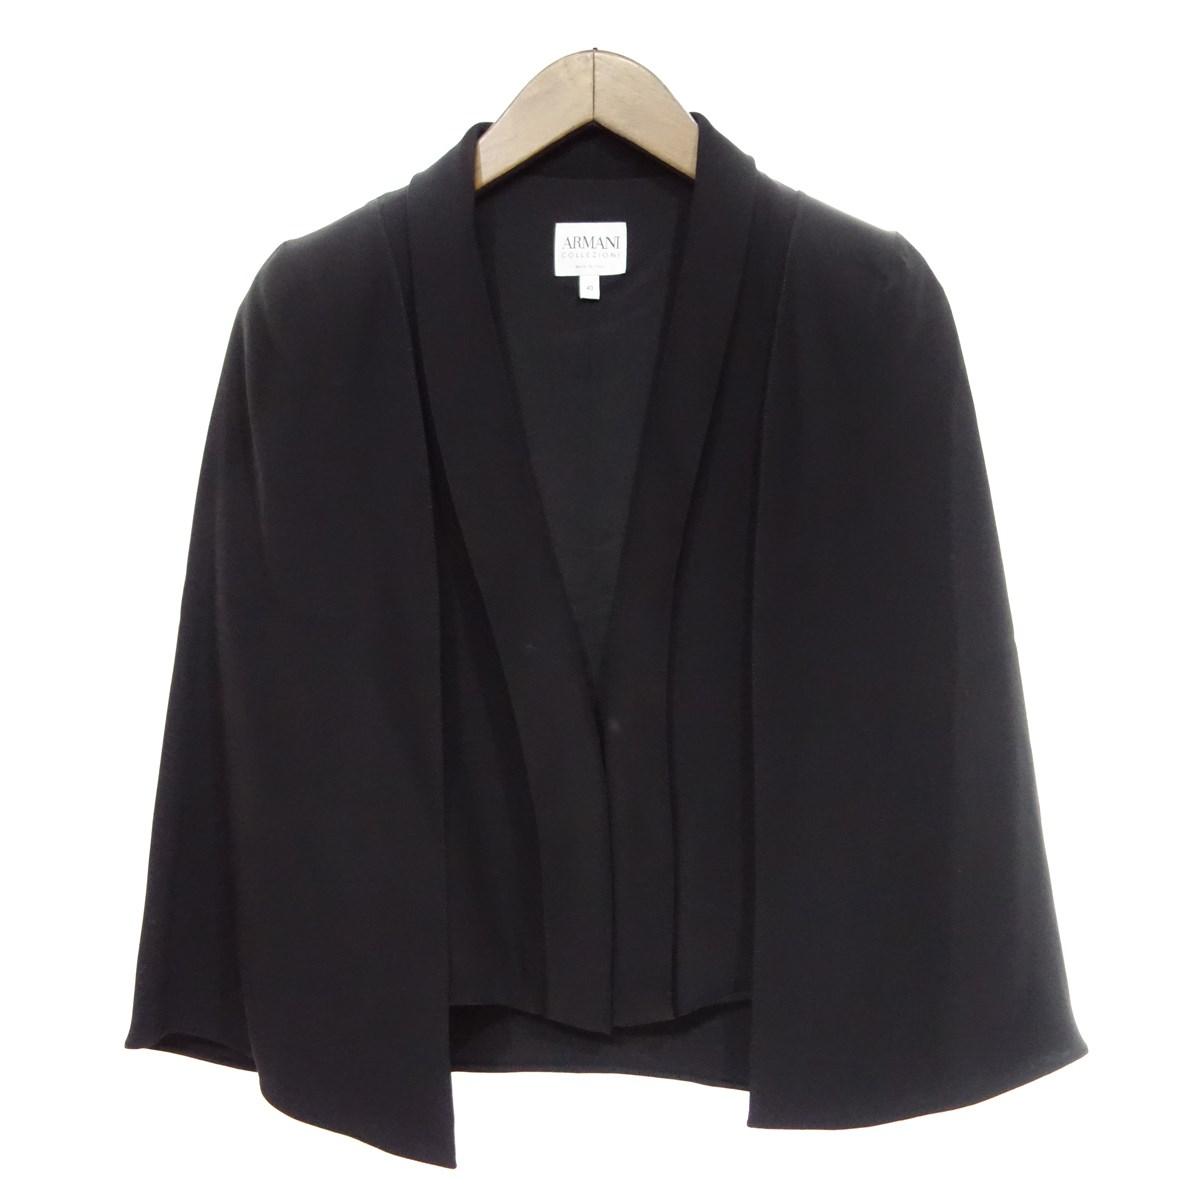 【中古】ARMANI COLLEZIONI デザイン ジャケット ブラック サイズ:40 【160420】(アルマーニコレツィオーニ)